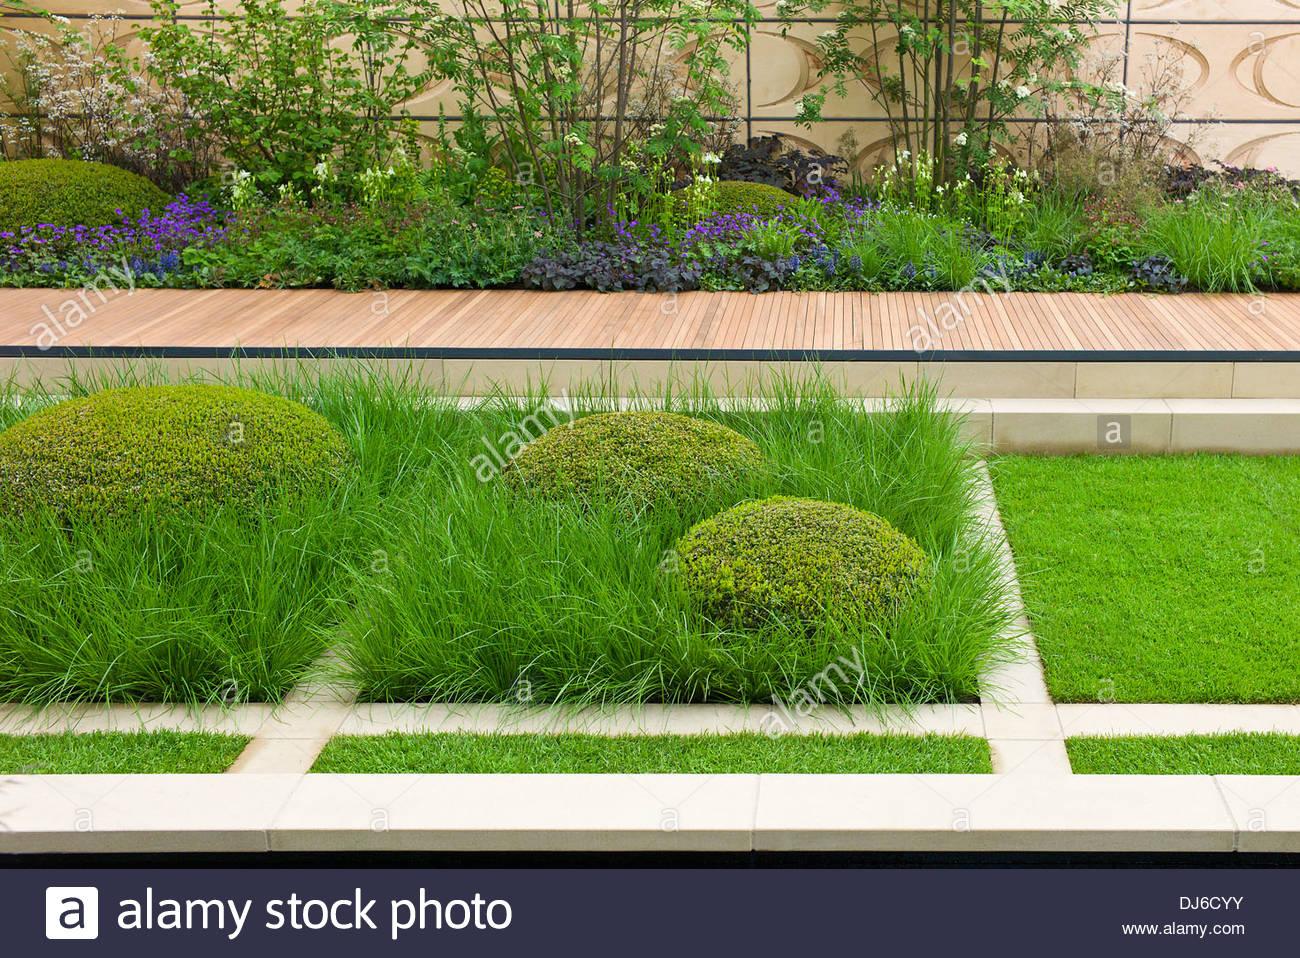 Moderne Garten Mit Formschnitt Box Und Gräsern. Brewin Dolphin Garten  Designer Robert Myers, Chelsea Flower Show